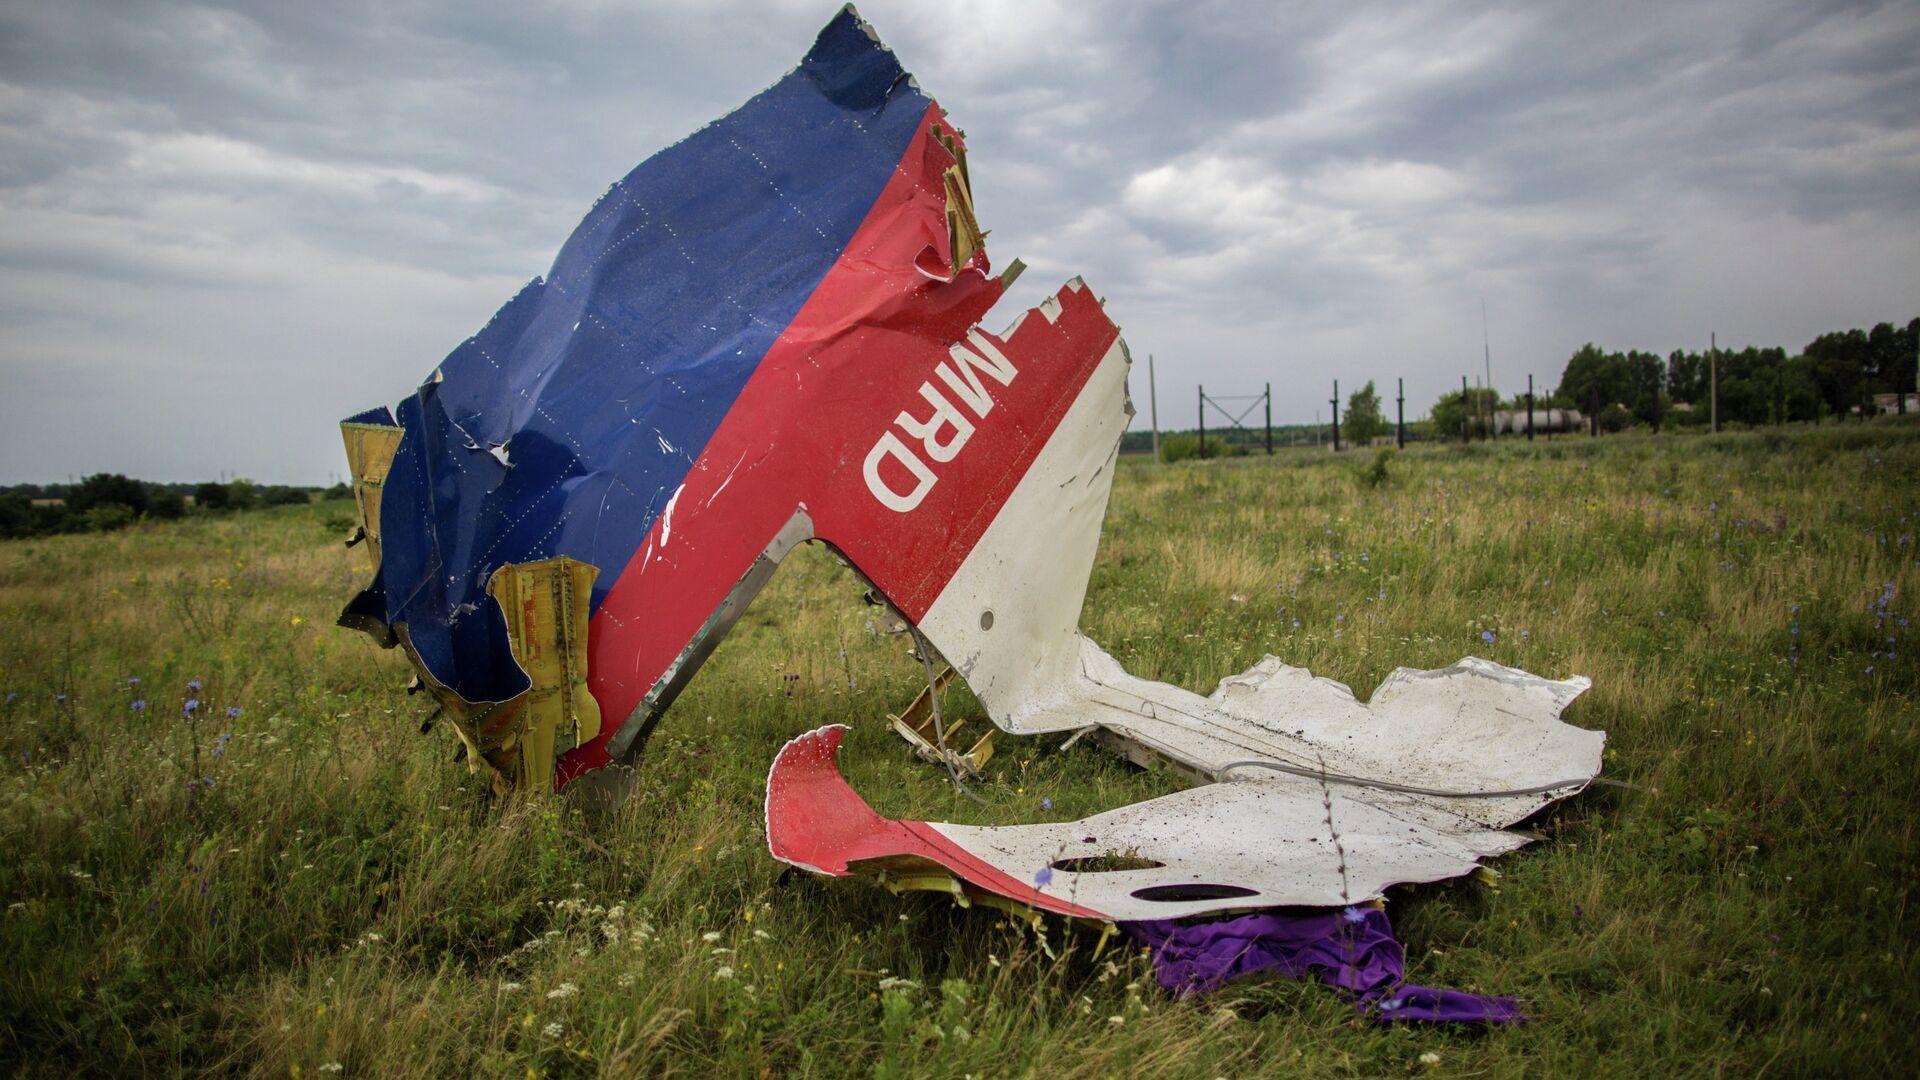 Обломки лайнера Boeing 777 Малайзийских авиалиний, потерпевшего крушение в районе города Шахтерск Донецкой области - РИА Новости, 1920, 10.06.2021